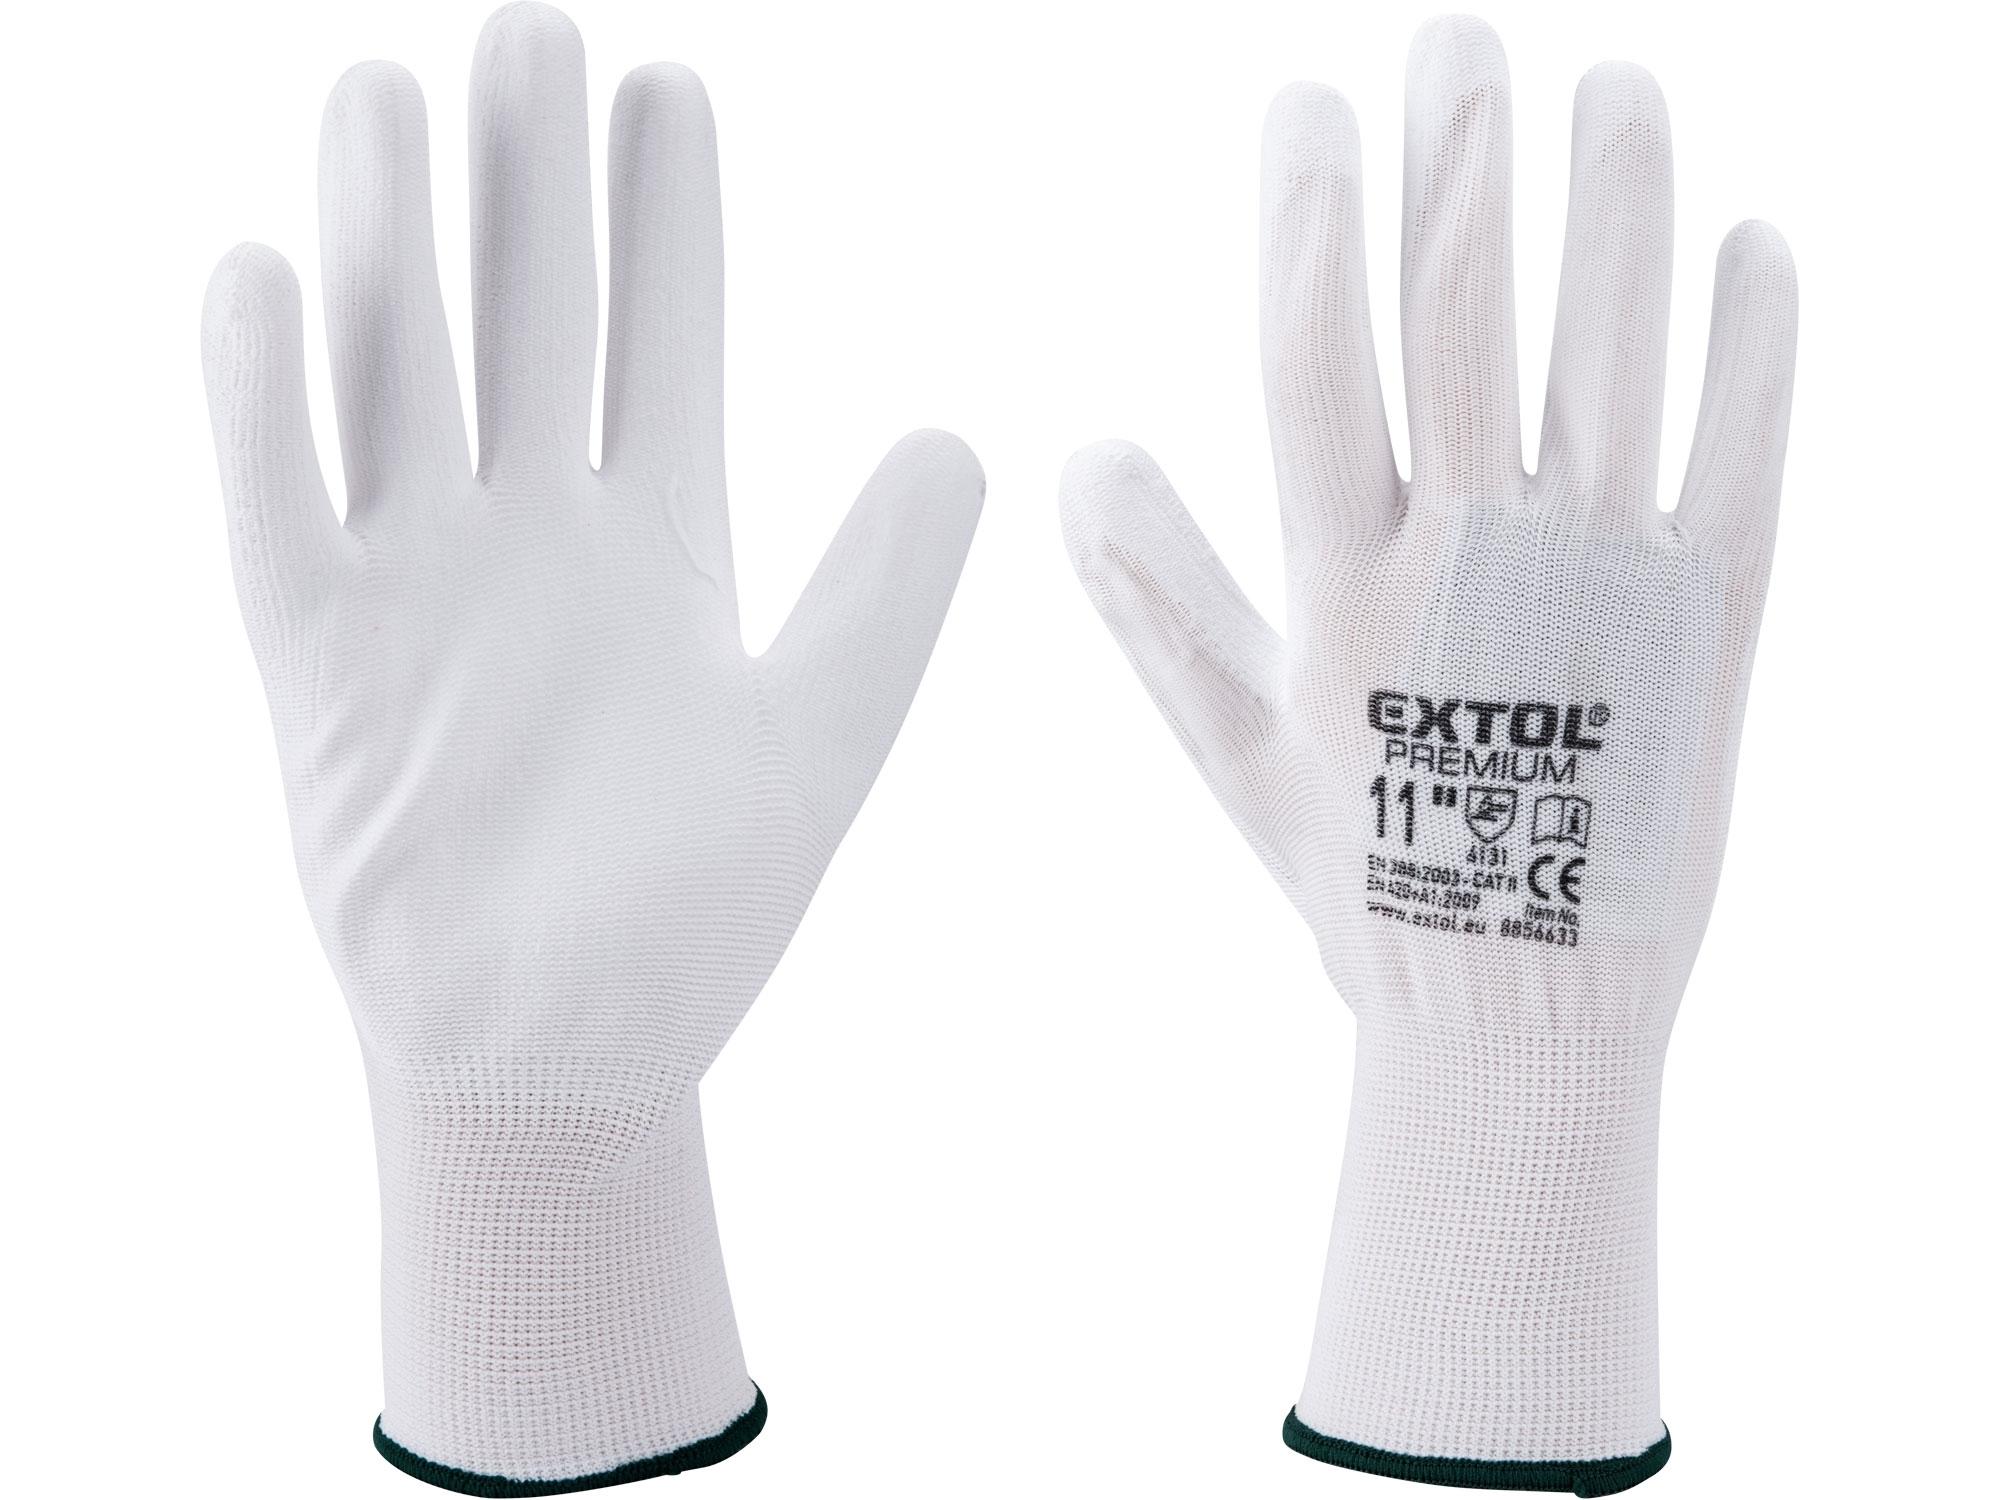 """rukavice z polyesteru polomáčené v PU, bílé, velikost 10"""", EXTOL PREMIUM 8856632"""